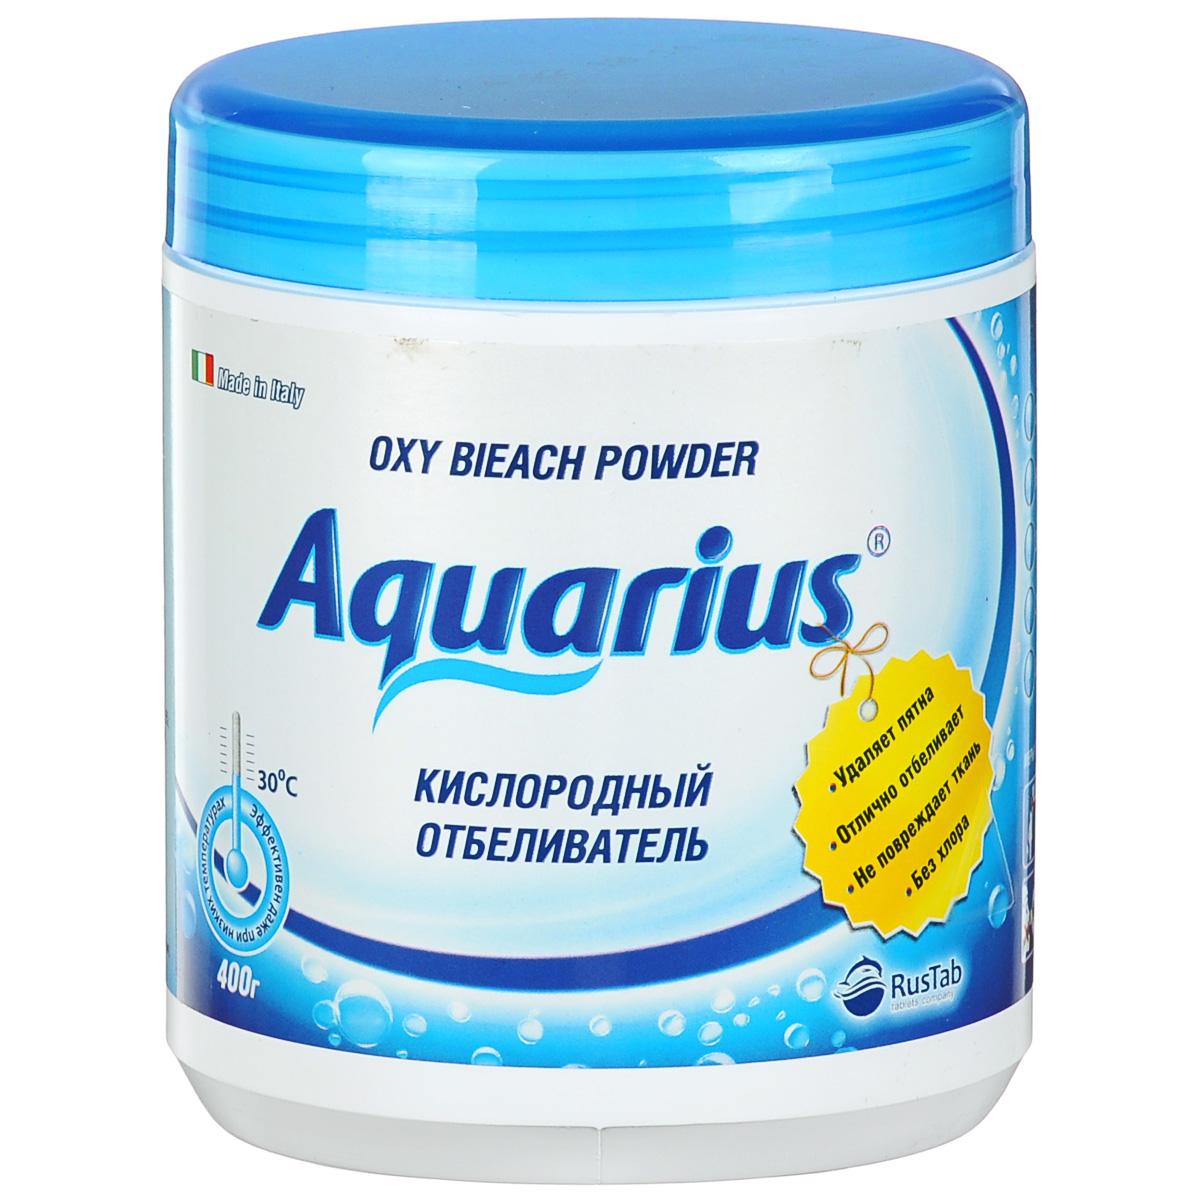 Пятновыводитель для белого белья Lotta Aquarius, кислородный, 400 г16253Кислородный пятновыводитель Lotta Aquarius предназначен для белого белья. Он превосходно удаляет загрязнения даже в холодной воде, благодаря содержанию молекул активного кислорода. Пятновыводитель можно использовать как для ручной стирки, так и для стирки в автоматизированных стиральных машинах. Обладает антибактериальным и дезодорирующим эффектом. Защищает вещи от выцветания. Не содержит хлора. Не использовать для шерсти, шелка, кожи и тонких тканей. Состав: более 30% кислородосодержащий пятновыводитель, менее 5% неионные ПАВ; другие ингредиенты: энзимы (Амилаза, Протеаза, Липаза, Целлюлаза), отдушка, оптический отбеливатель менее 1%. Товар сертифицирован.